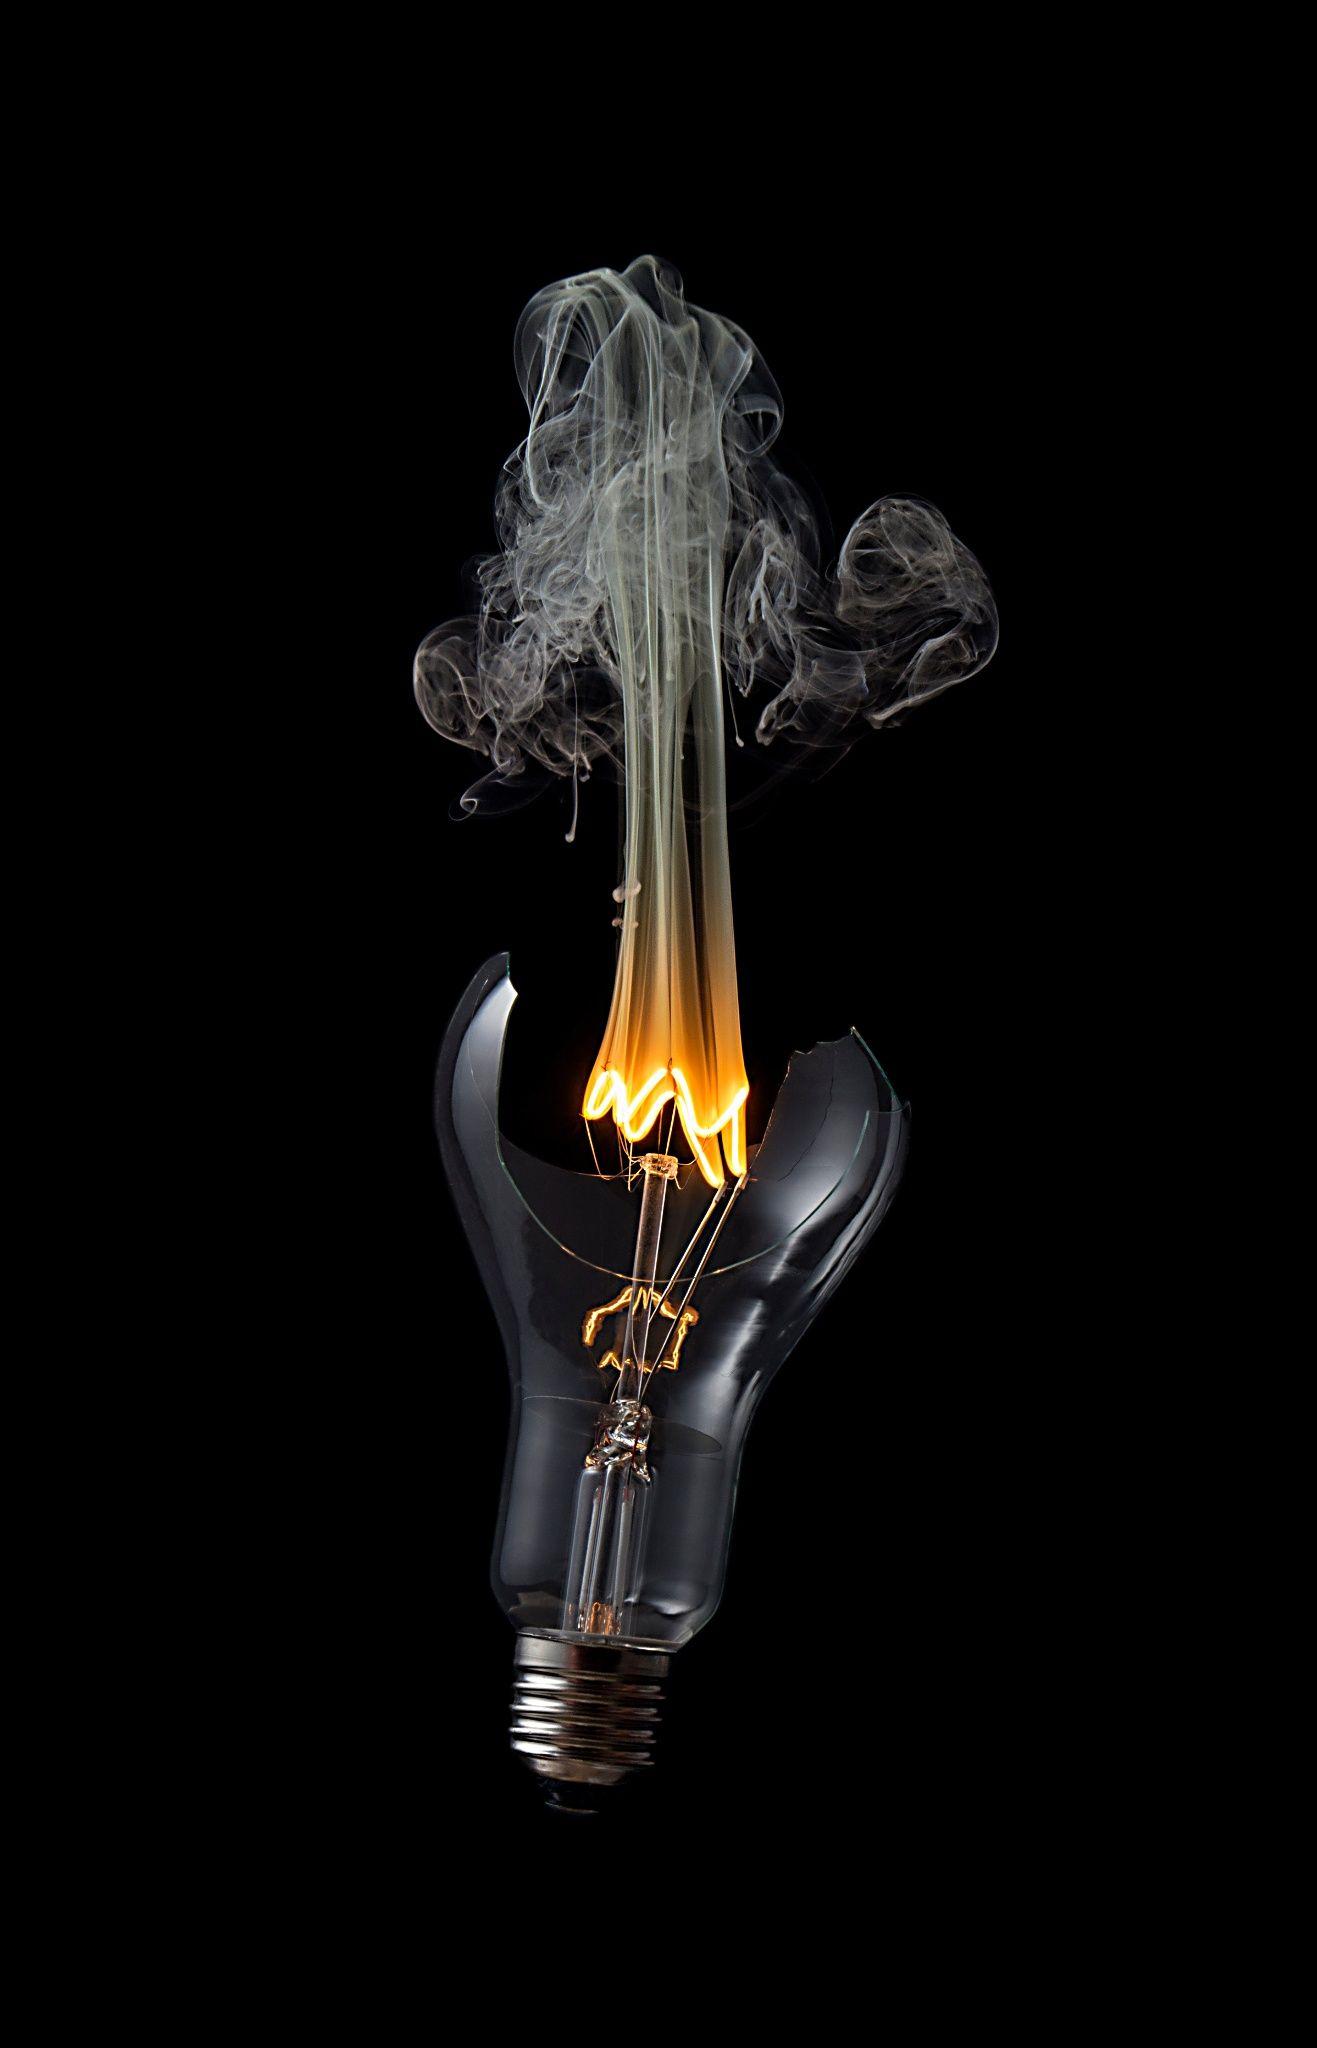 1000 images about lightbulb things on pinterest lightbulbs bulbs - Photo Broken Light Bulb By Dirk Trunsch Und Roman Hartmann On 500px